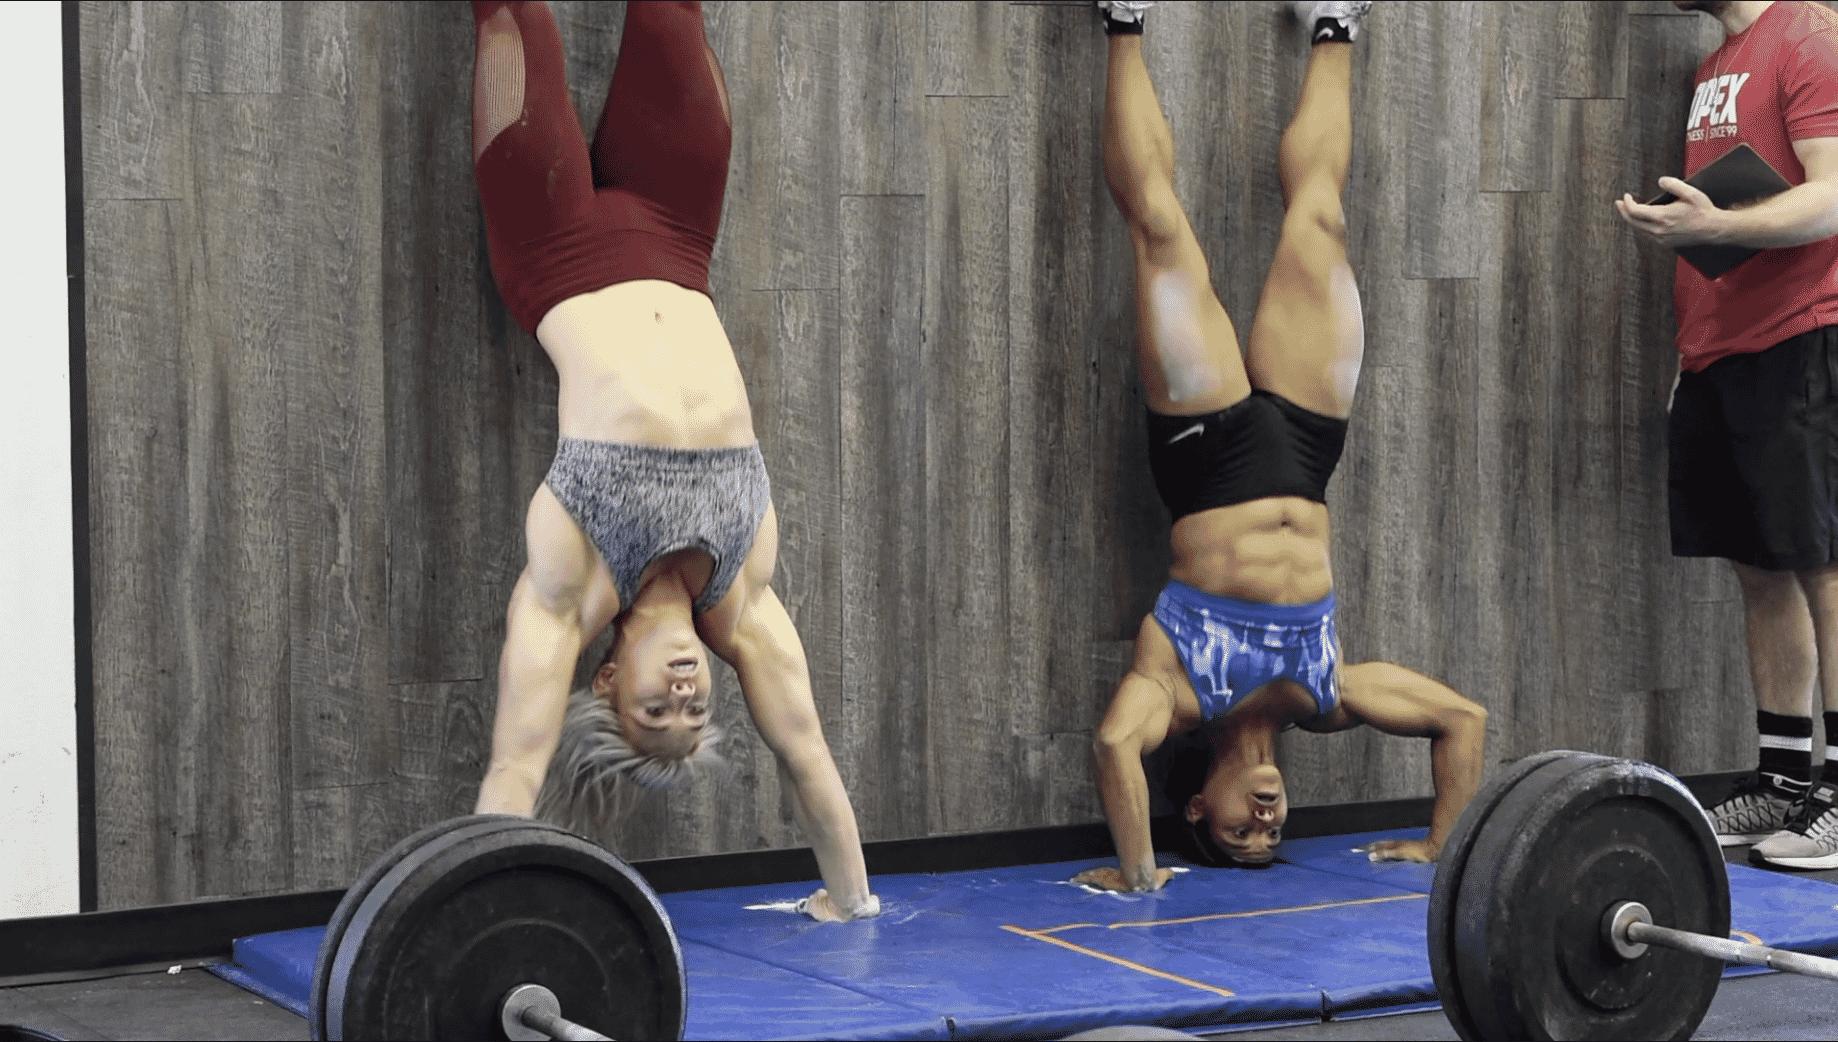 Amanda Goodman & Colleen Fotsch in CrossFit Open 2018